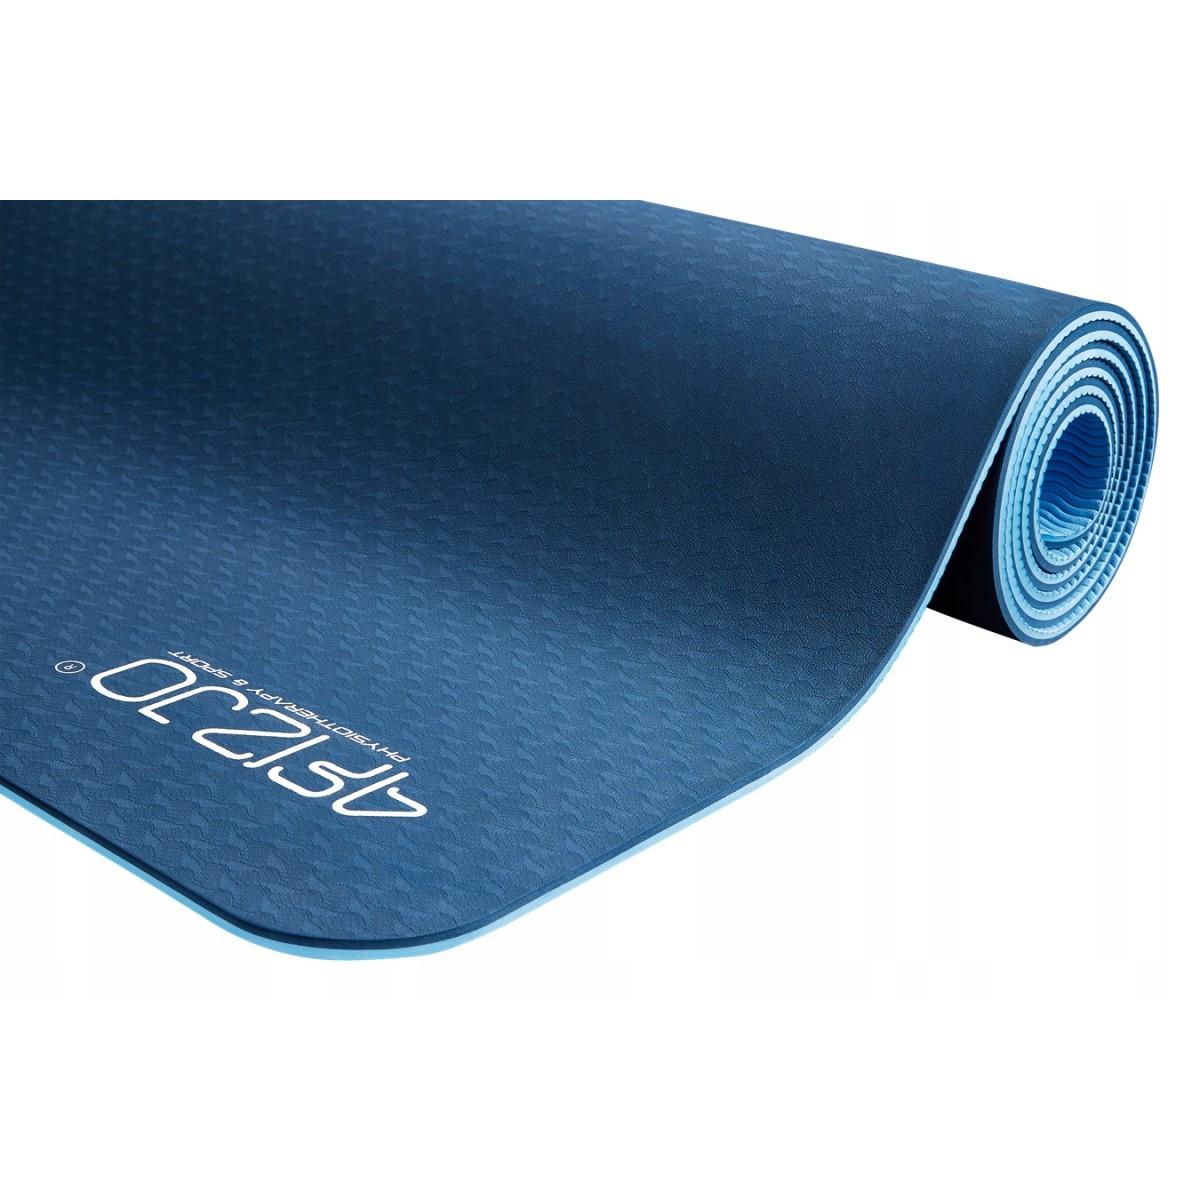 Килимок мат для йоги та фітнесу 4FIZJO TPE 6 мм 4FJ0033 Blue/Sky Blue